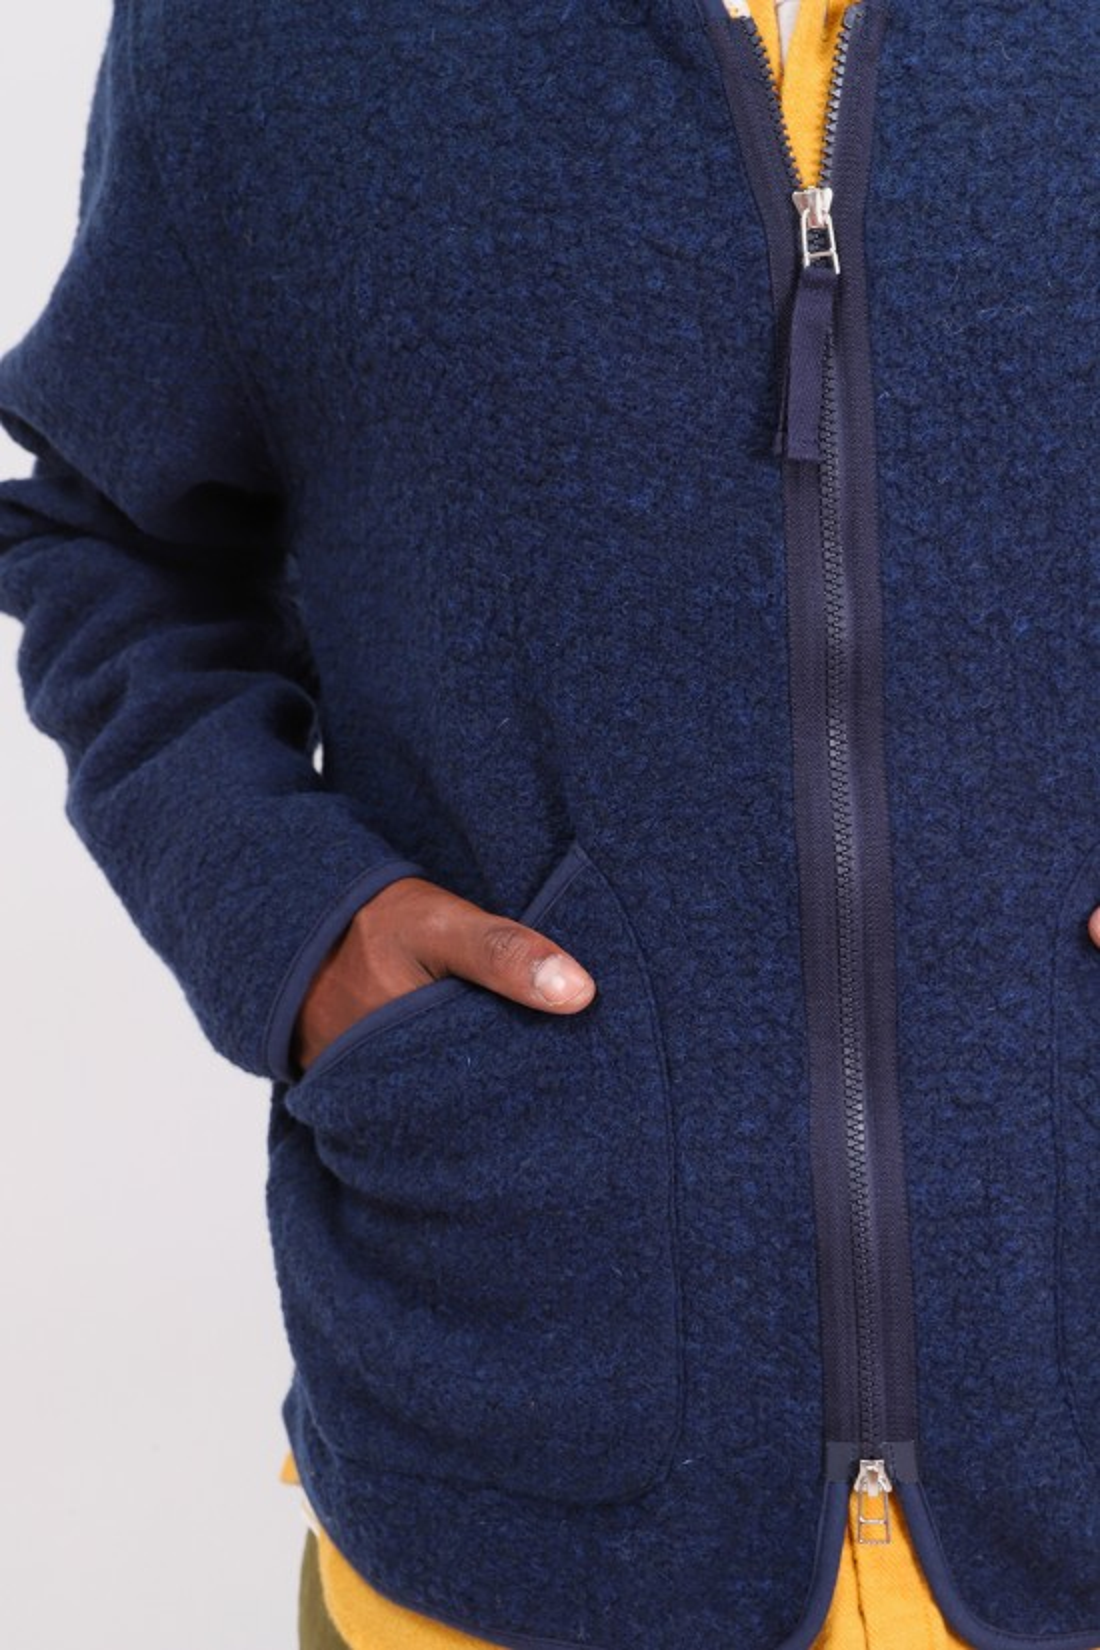 UNIVERSAL WORKS / Zip liner jacket Navy